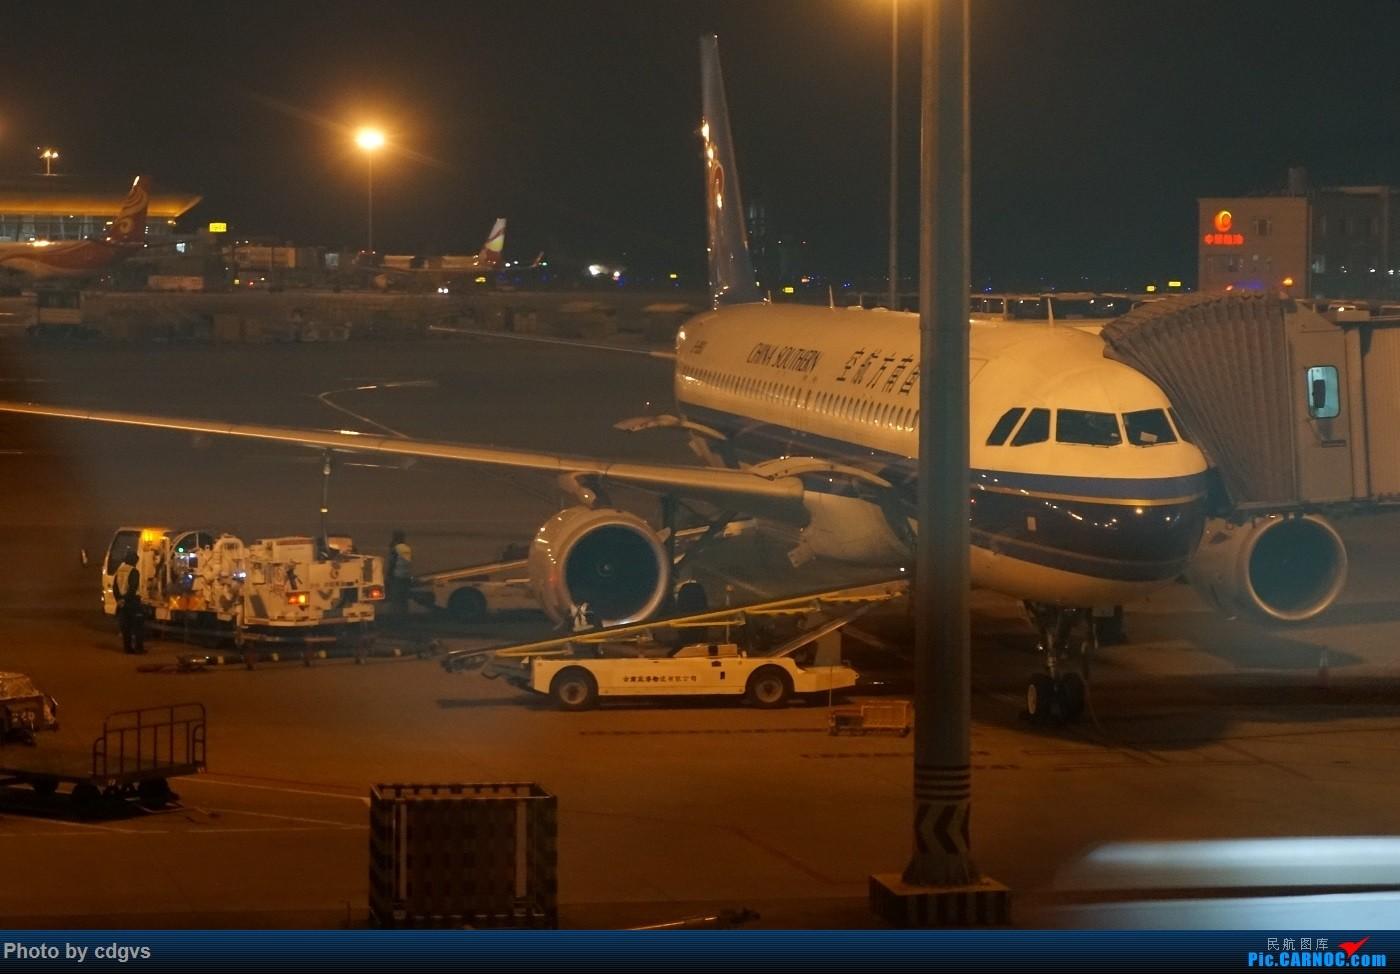 Re:[原创]KMG-LJG-KMG 东航&南航 省内刷航段,飞空客波音两种不同机型  未完结!!!! AIRBUS A320-200 B-9931 中国昆明长水国际机场